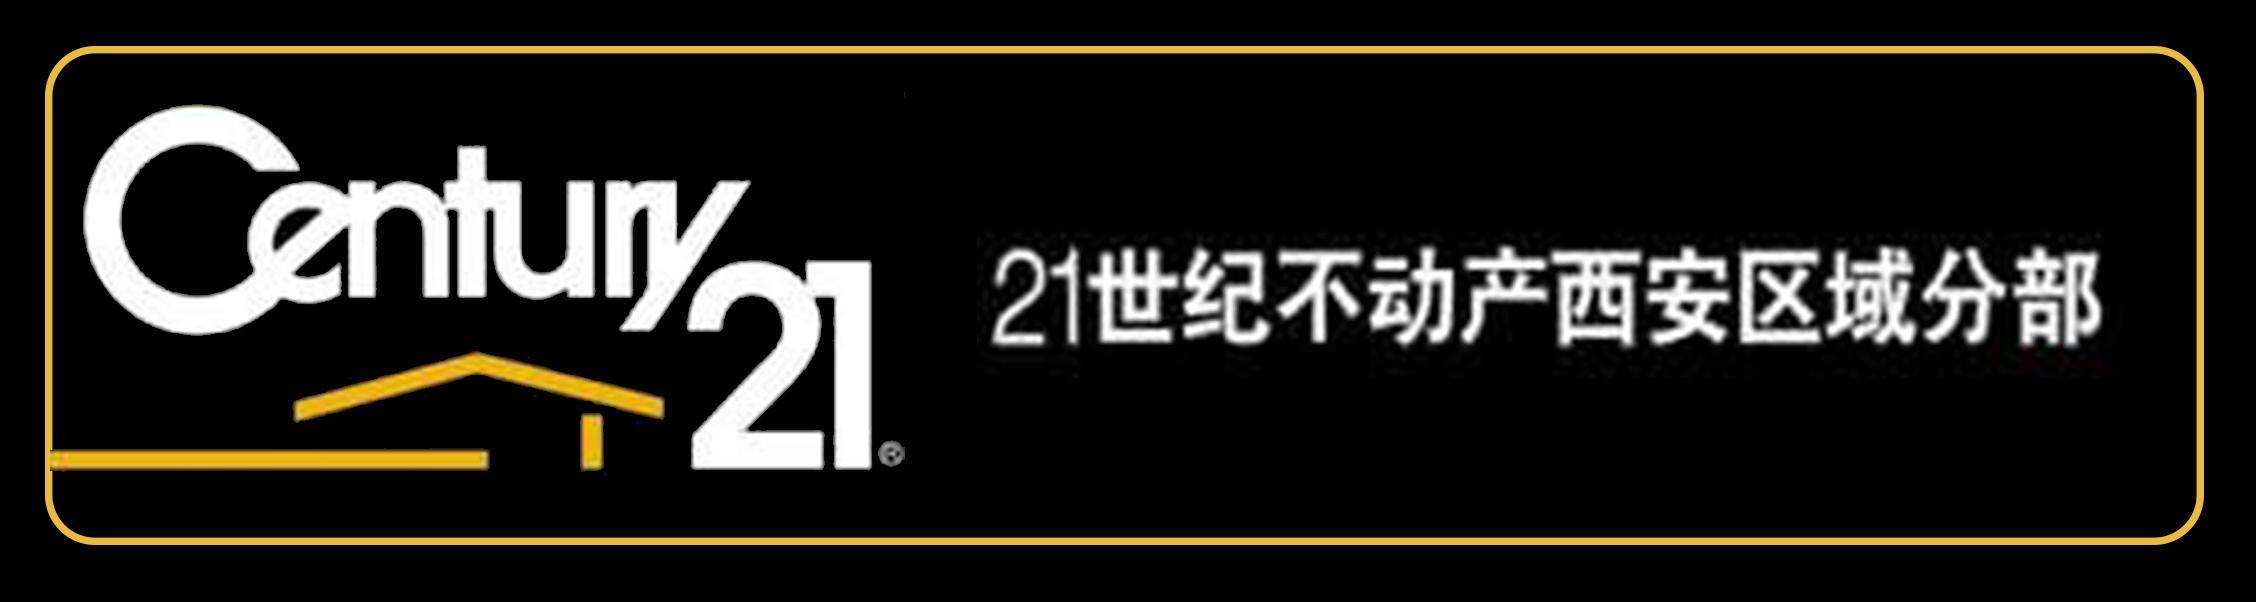 21世纪不动产-山水秦唐南门店